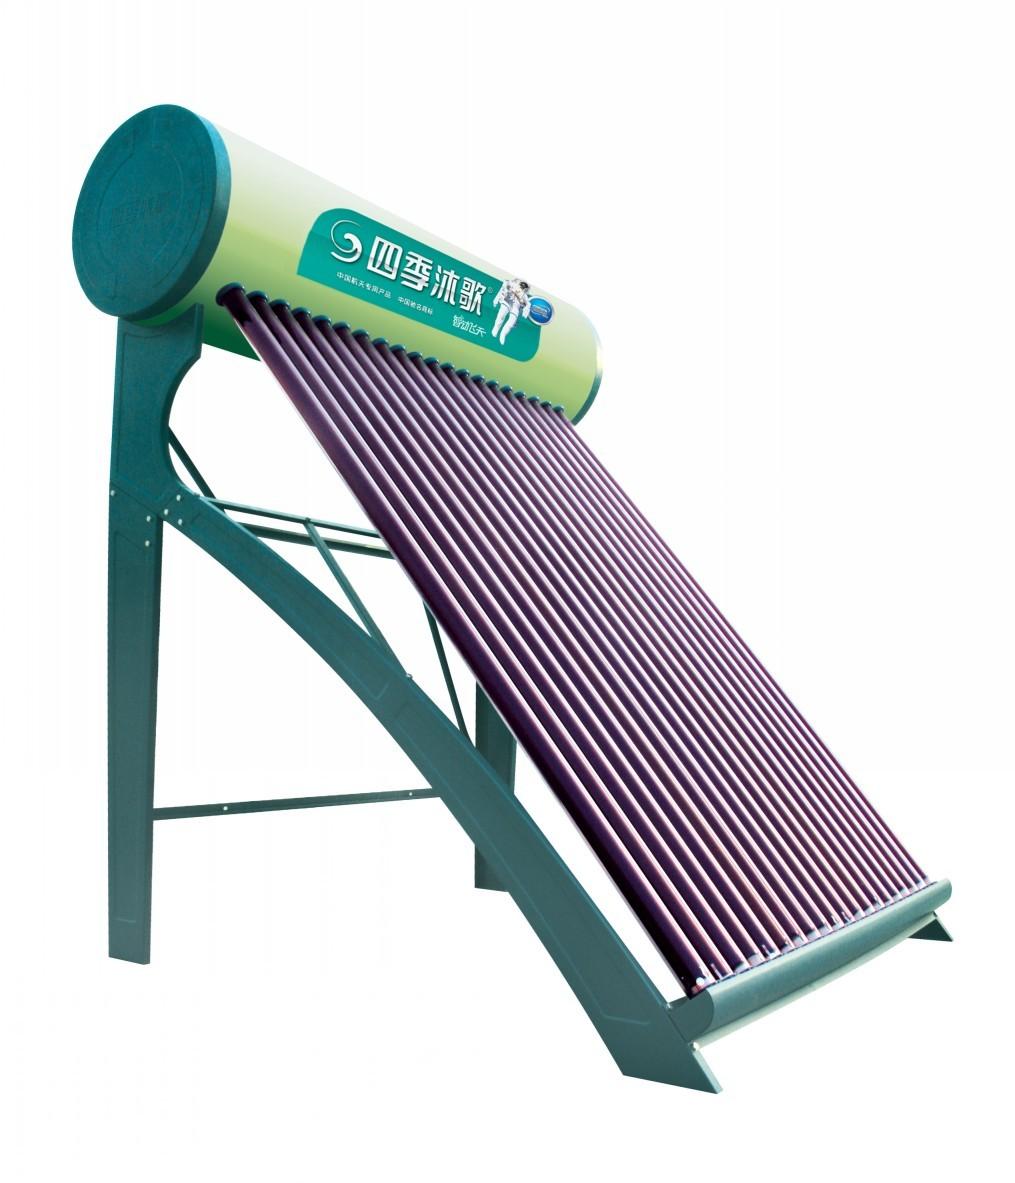 四季沐歌太阳能价格—四季沐歌太阳能热水器价格怎样